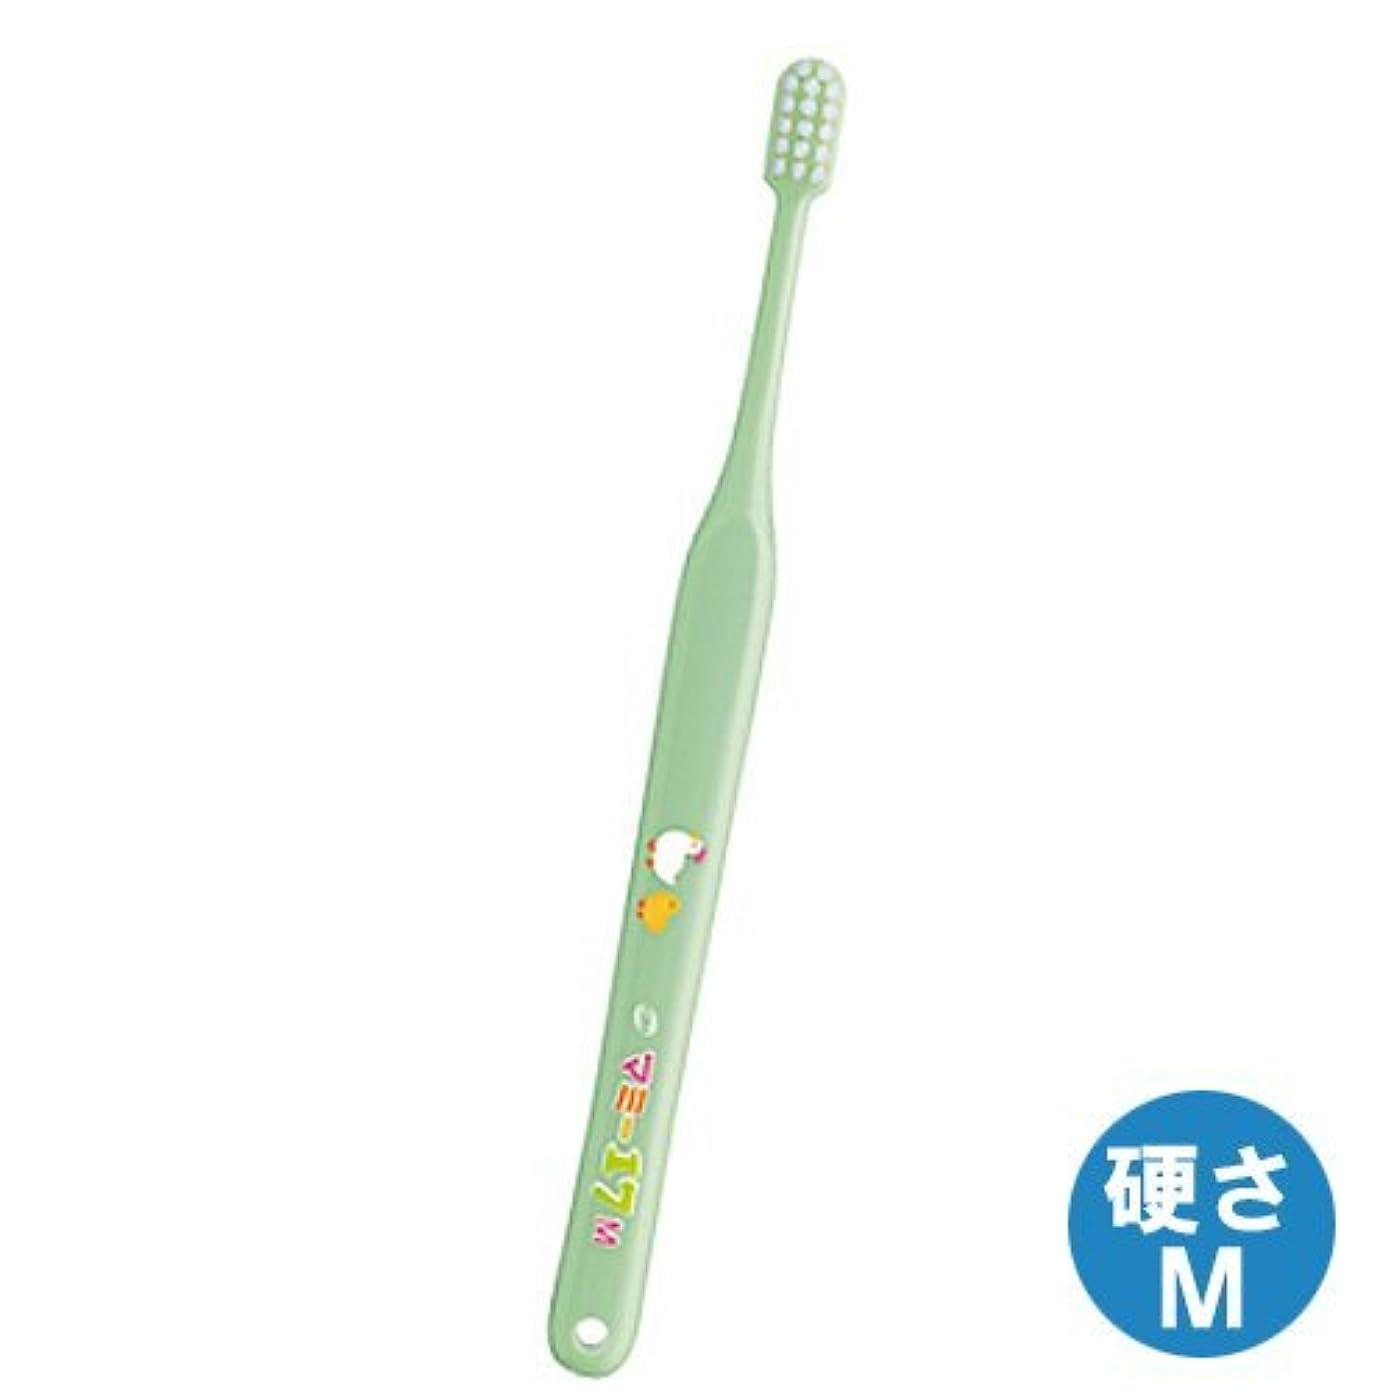 未使用ずんぐりしたかかわらずマミー17歯ブラシ 1本 ミディアム(M)グリーン